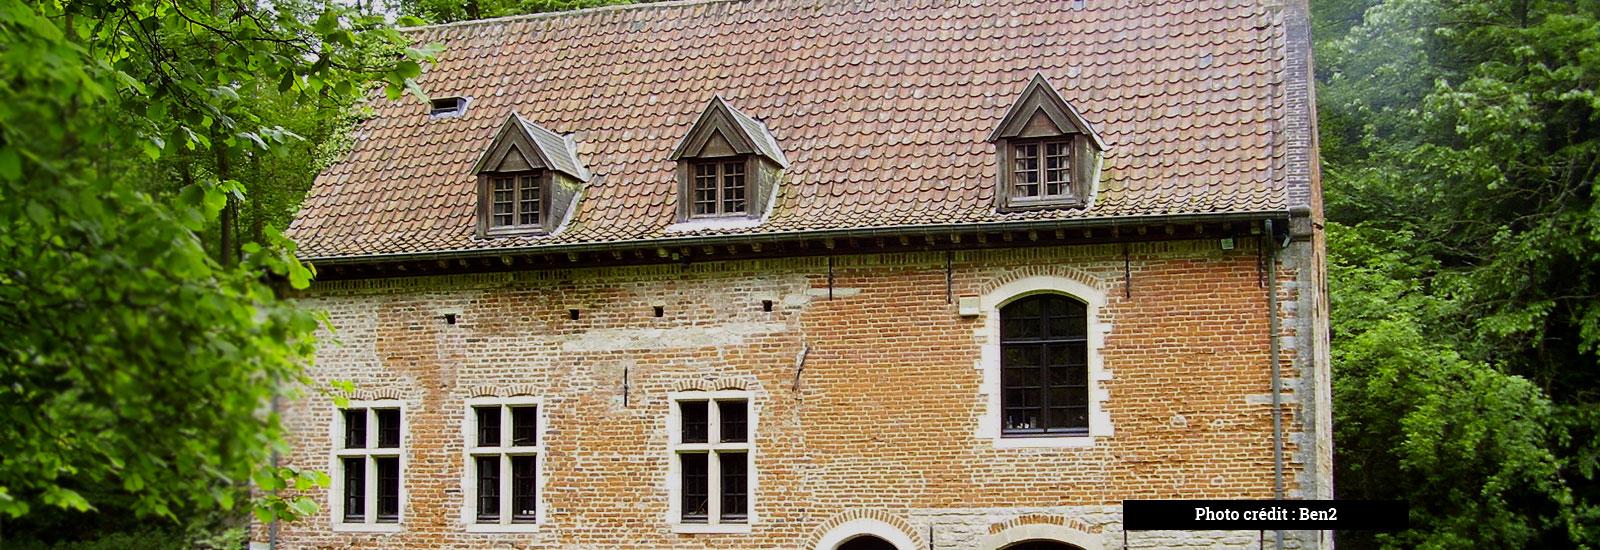 ChateauTrois Fontaines Auderghem